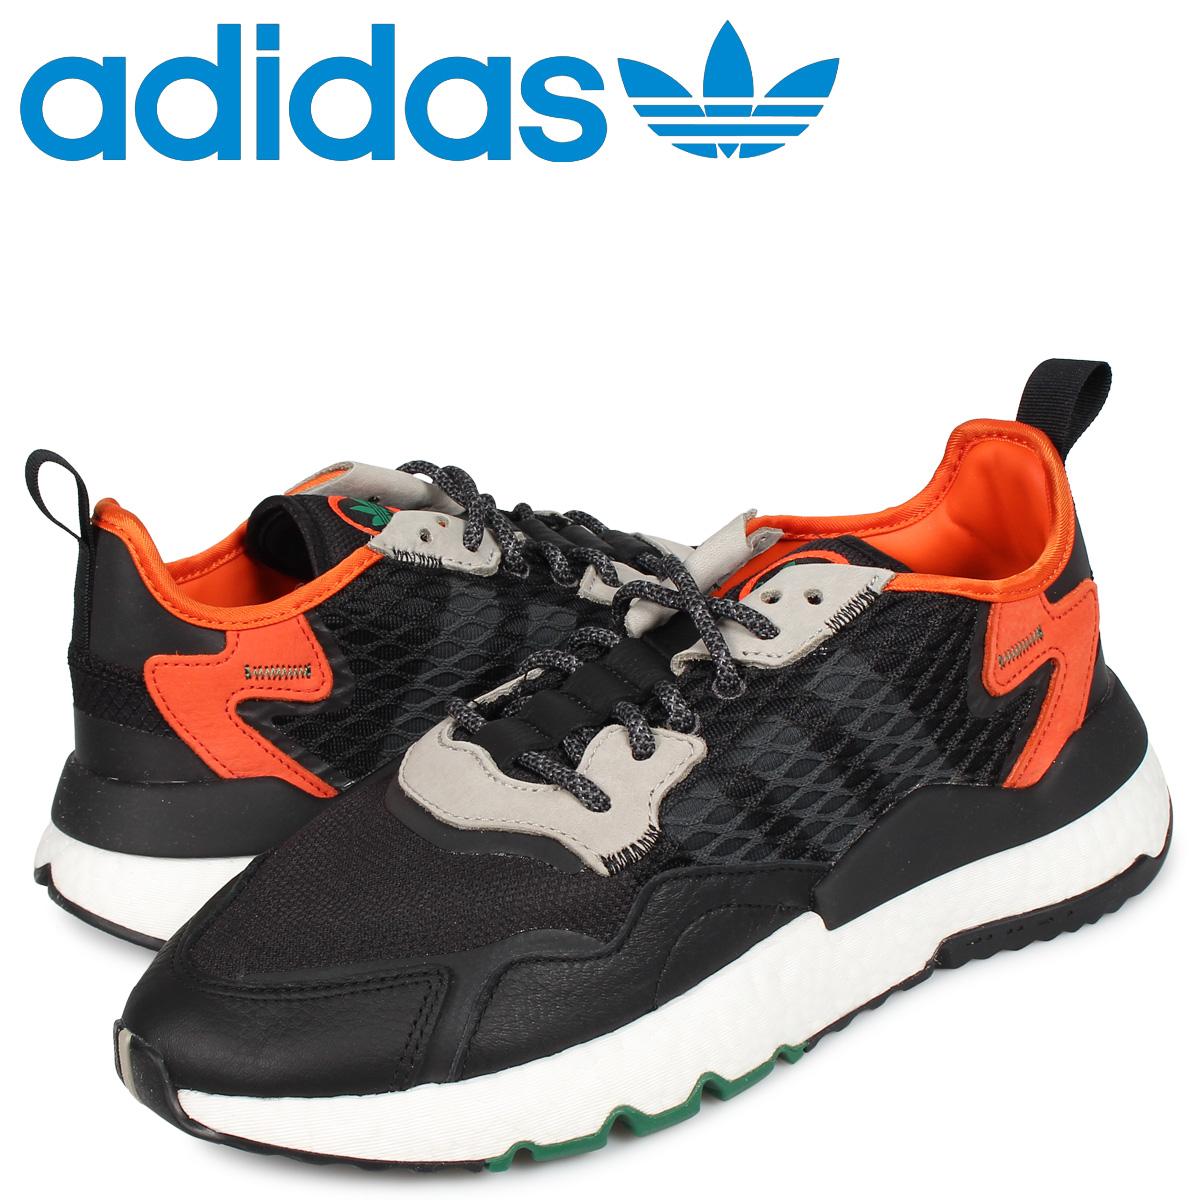 アディダス オリジナルス adidas Originals ナイト ジョガー スニーカー メンズ NITE JOGGER ブラック 黒 EE5549